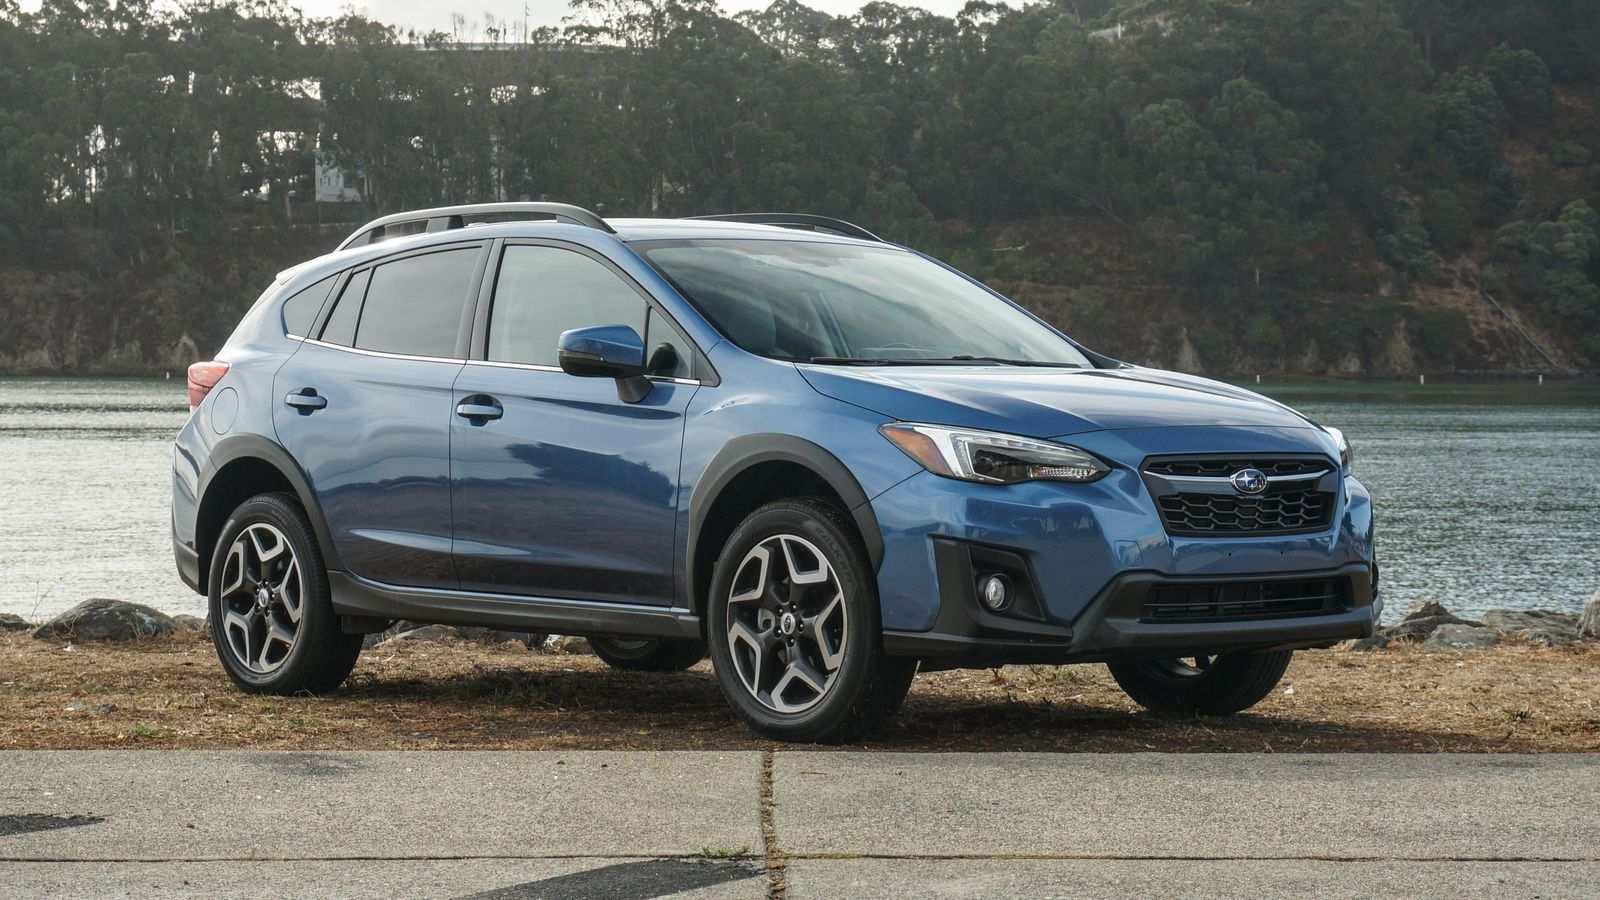 60 All New 2019 Subaru Xv Redesign and Concept for 2019 Subaru Xv